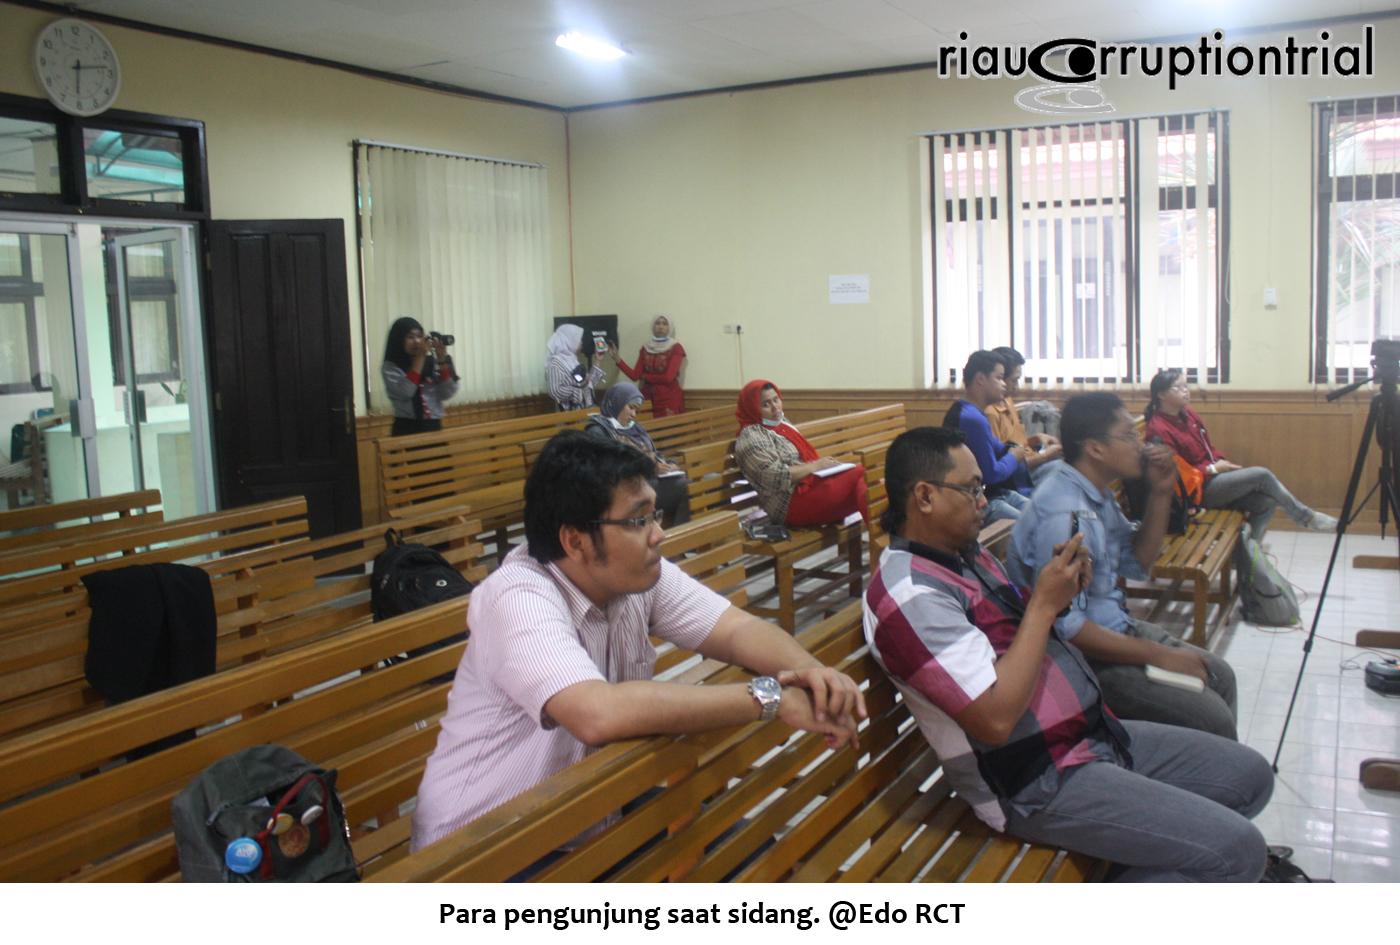 Para pengunjung saat sidang